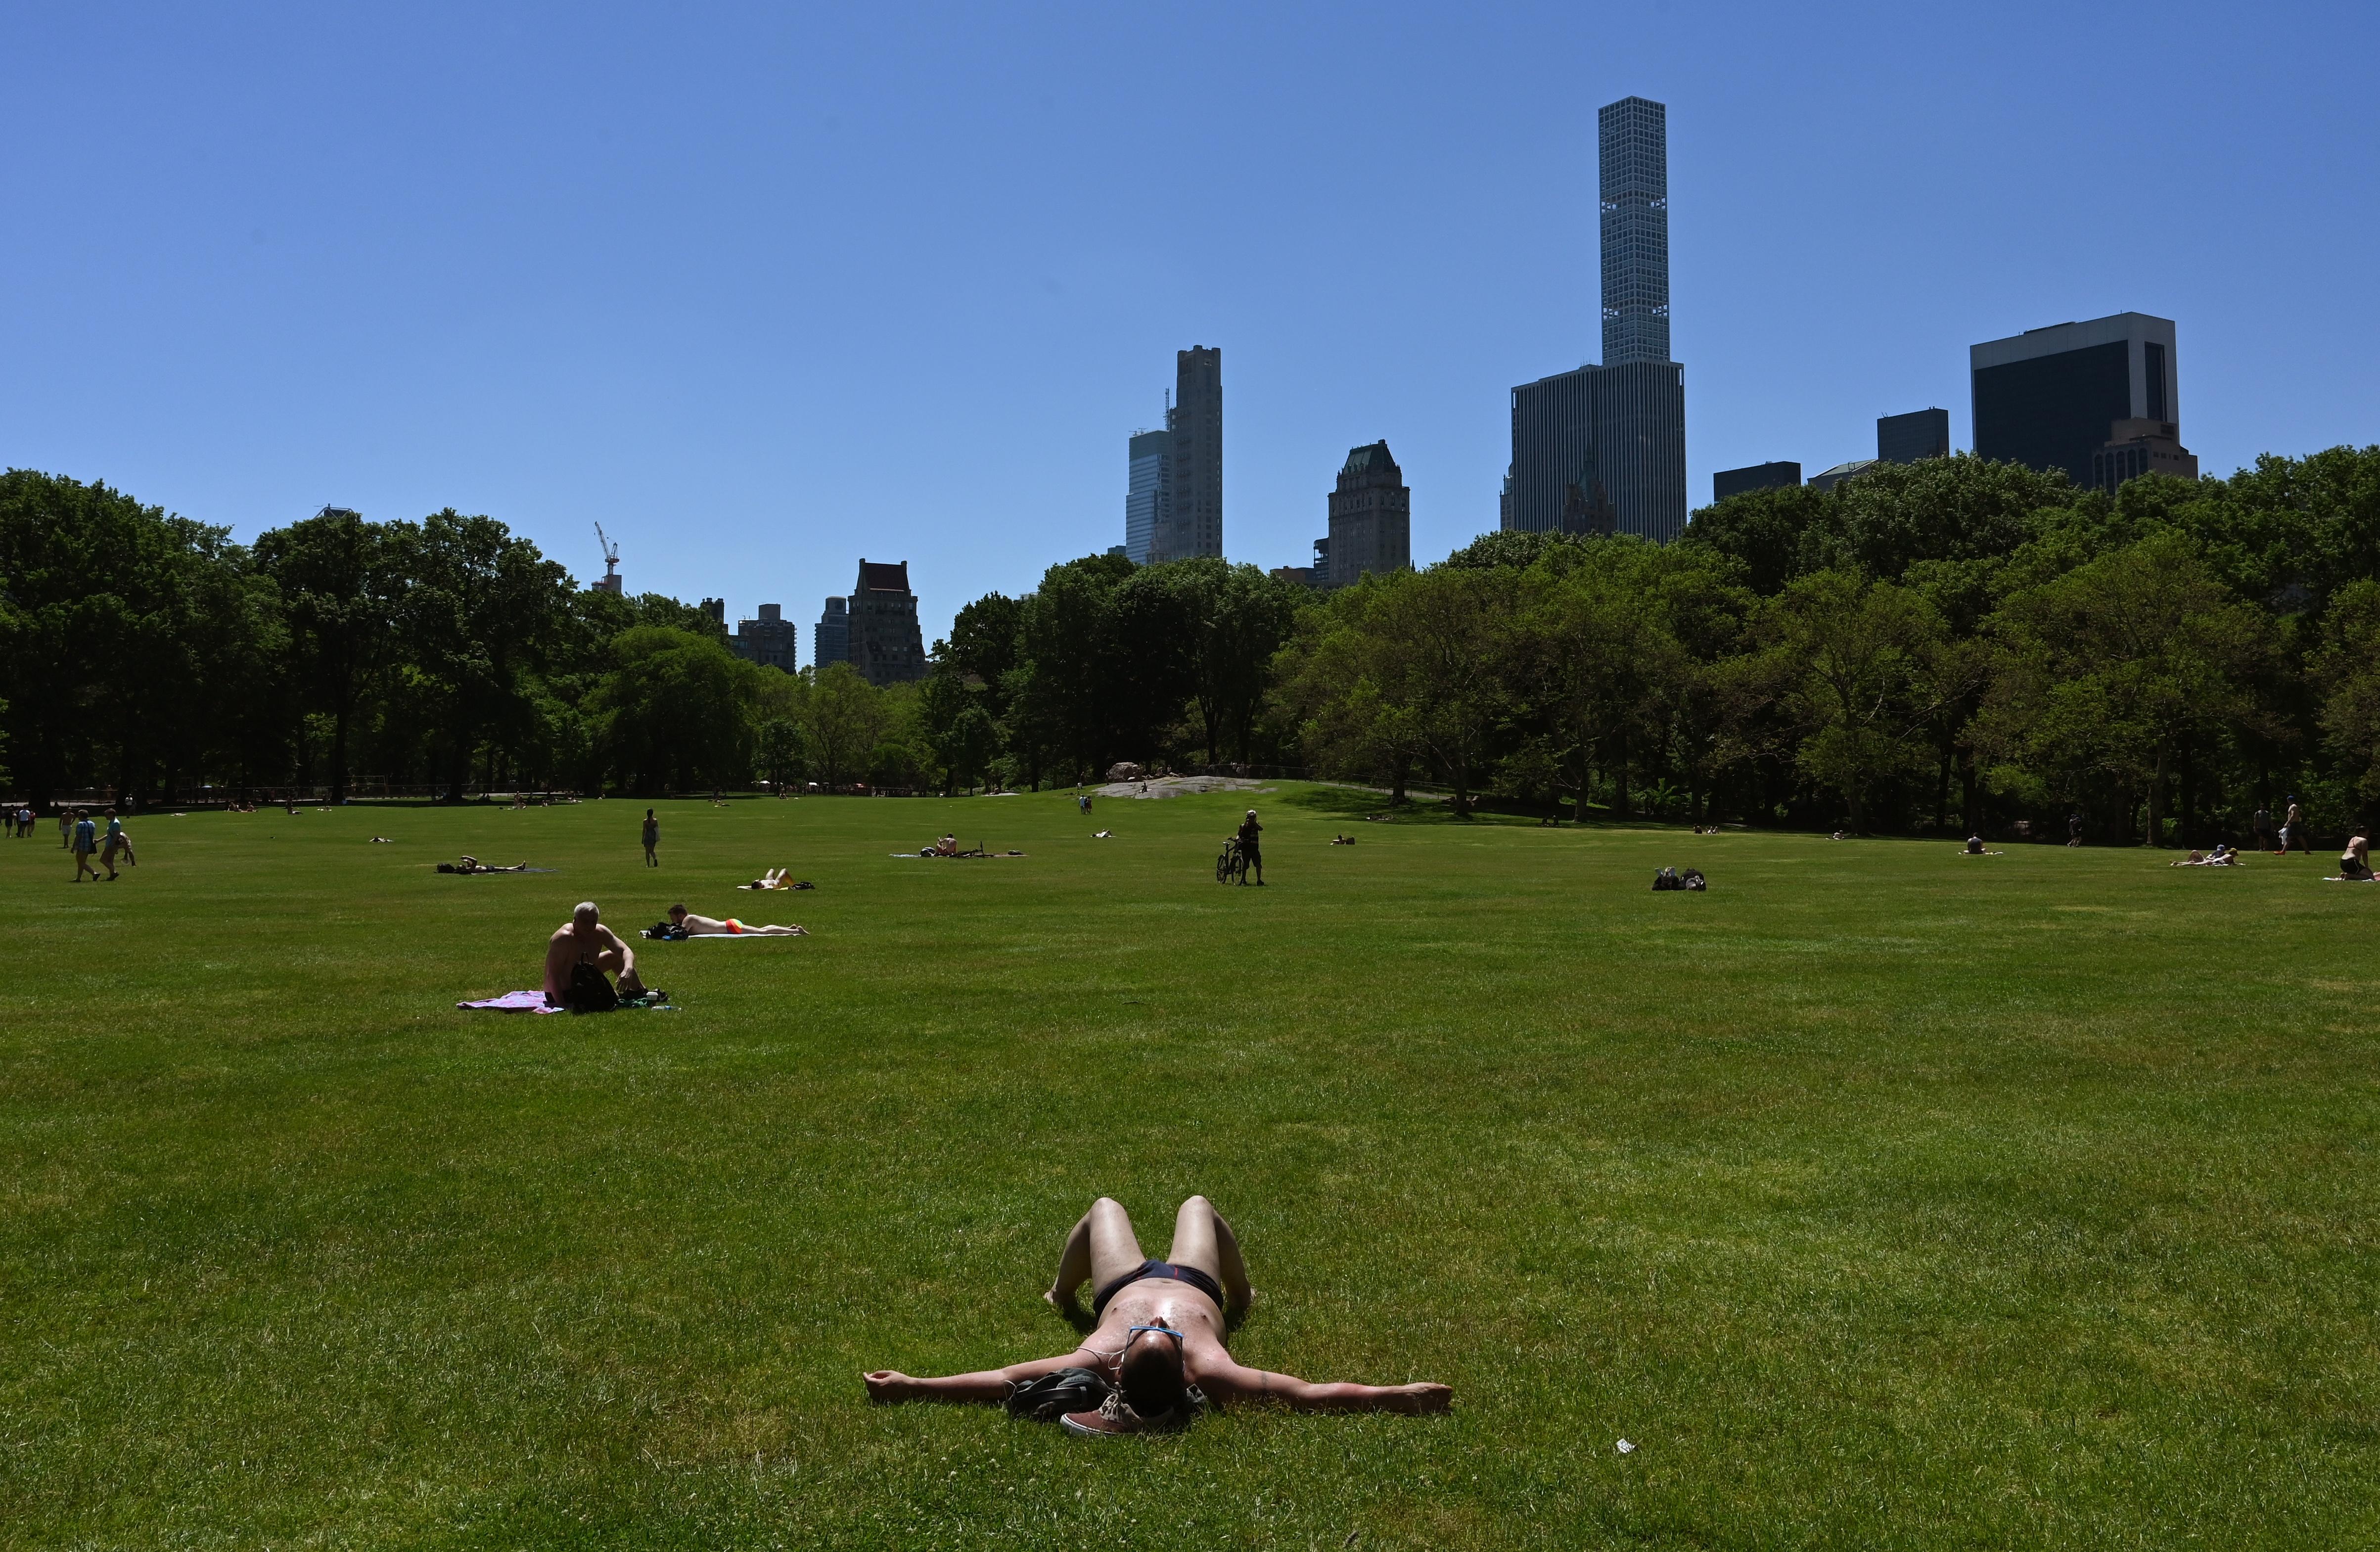 """رجل يفترش أرض حديقة """"سنترال بارك"""" في نيويورك مستغلا اتفاع درجات الحرارة في المنطقة خلال العطلة الممتدة حتى يوم الإثنين"""